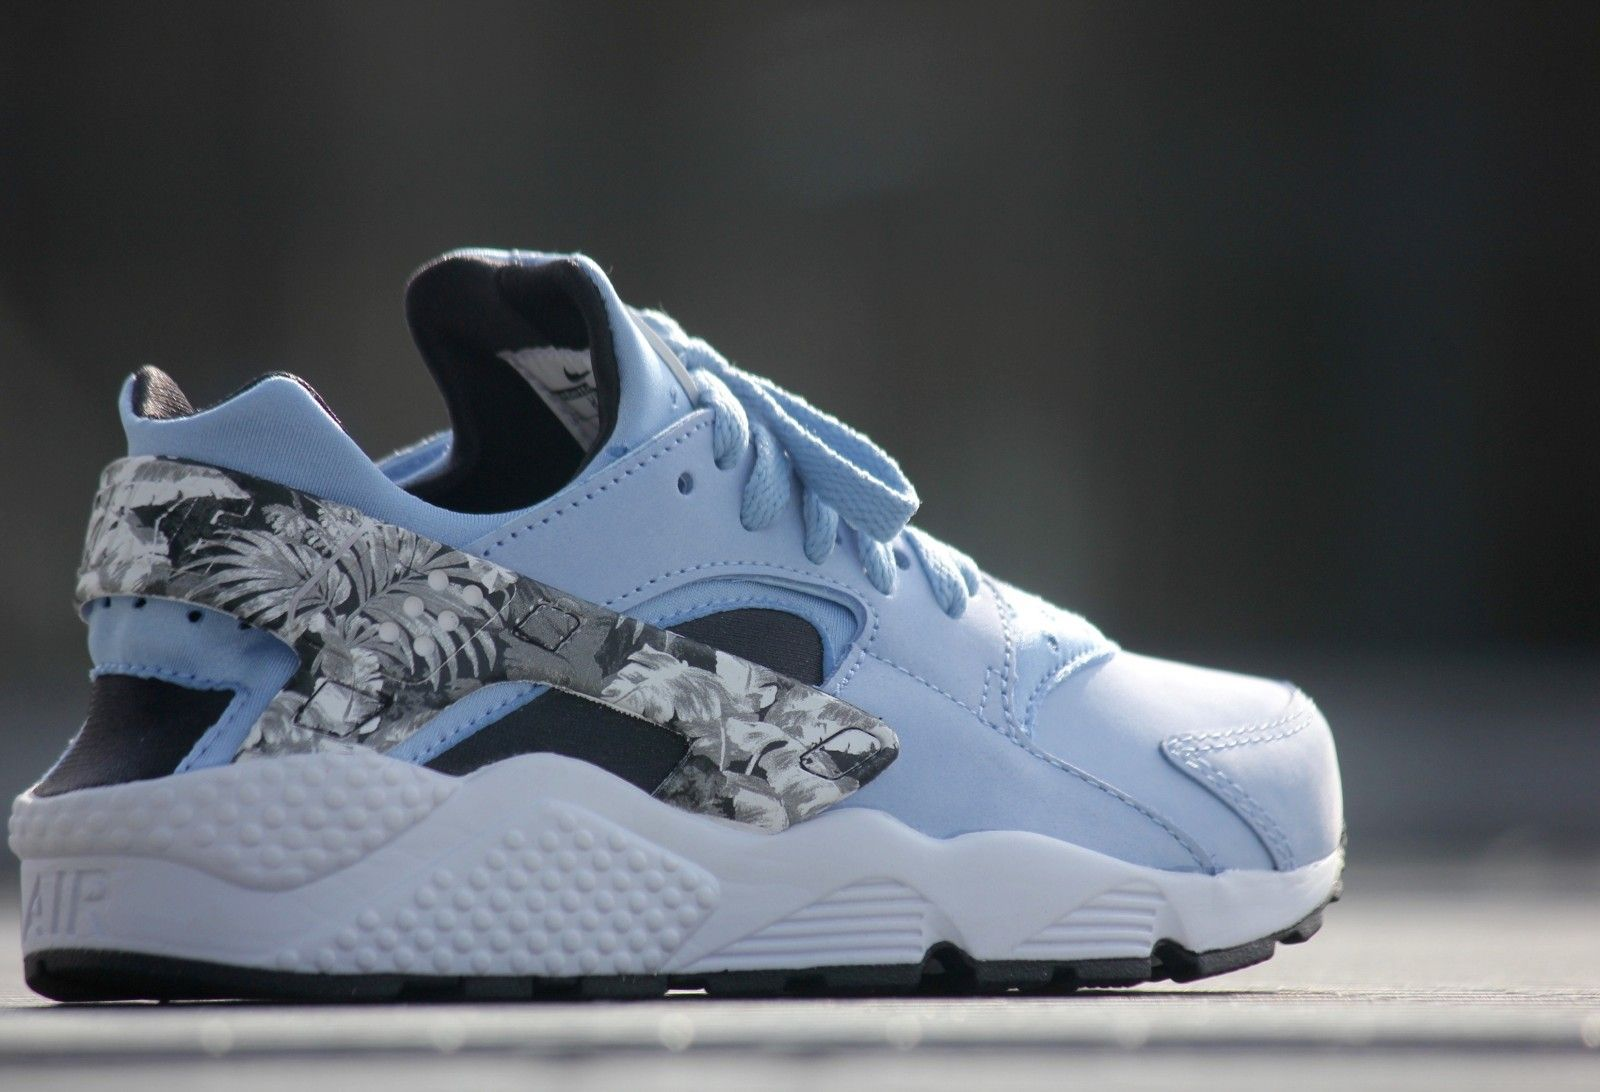 048e3c2e22ae Nike Air Huarache Run PRM Aluminium Black White - 704830-401